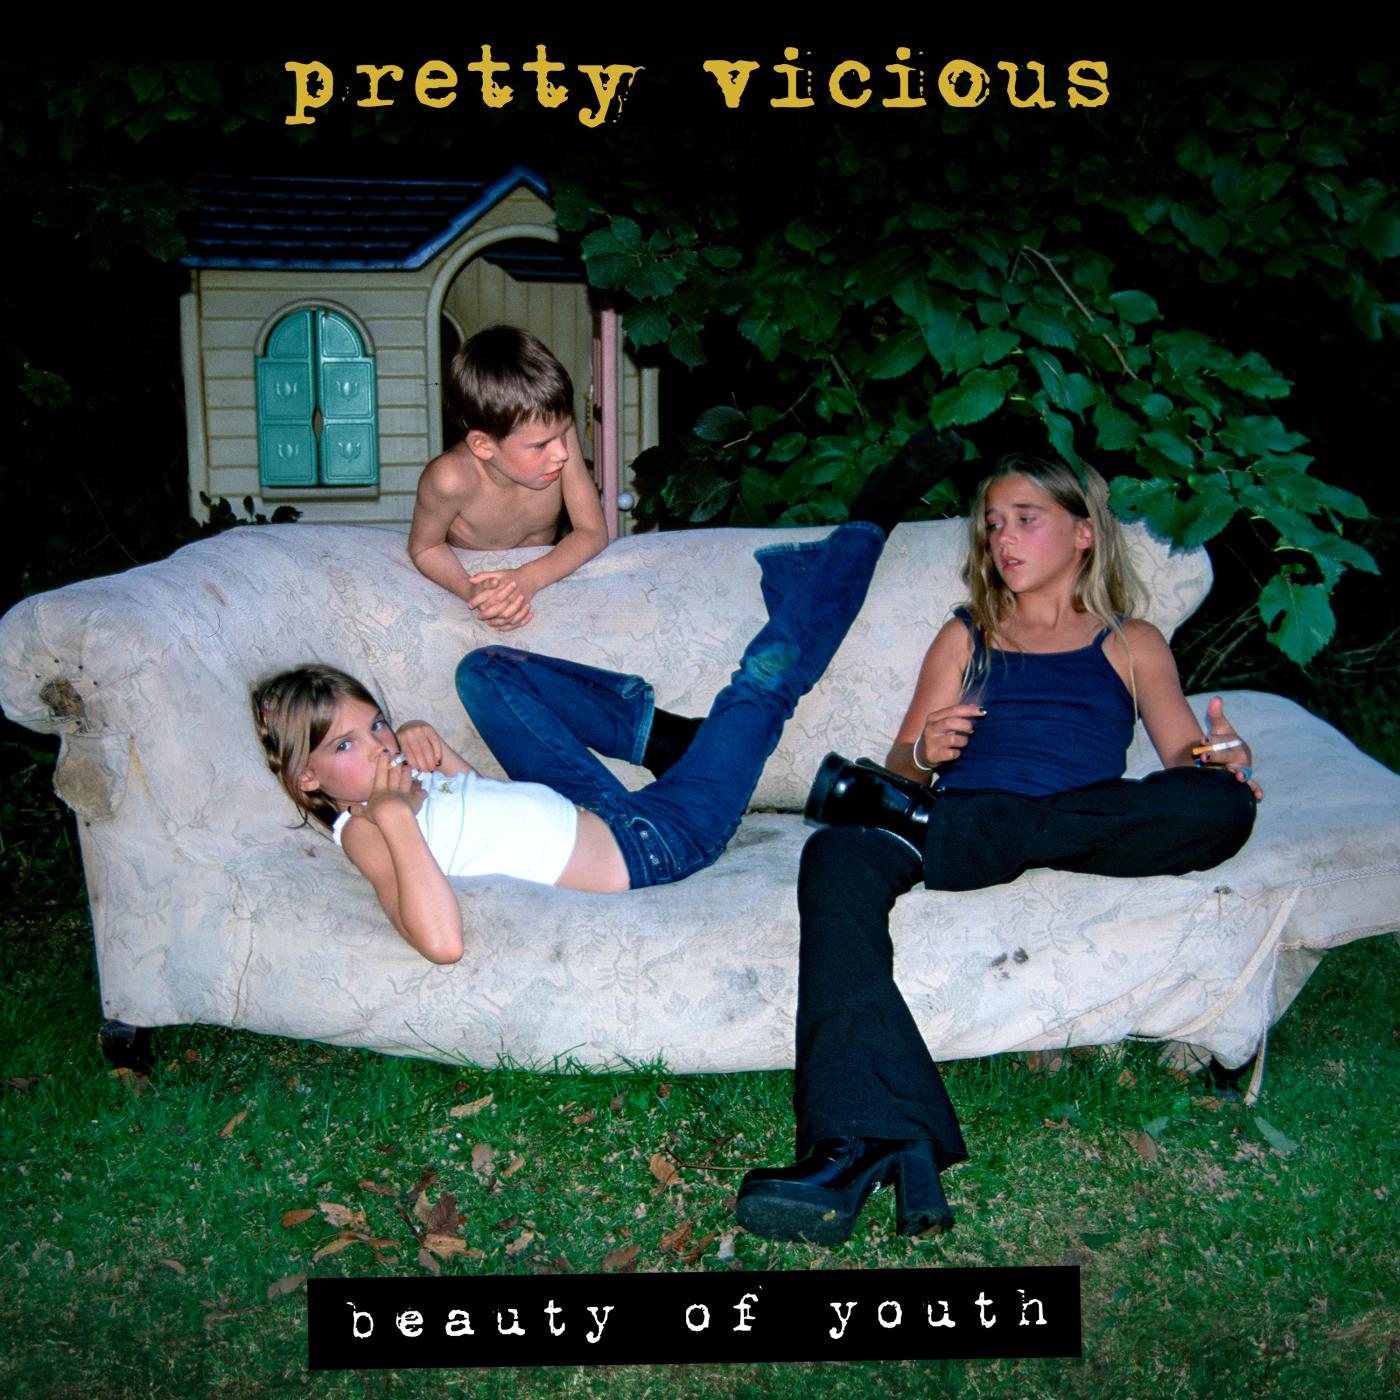 PrettyVicious_BeautyOfYouth.jpg